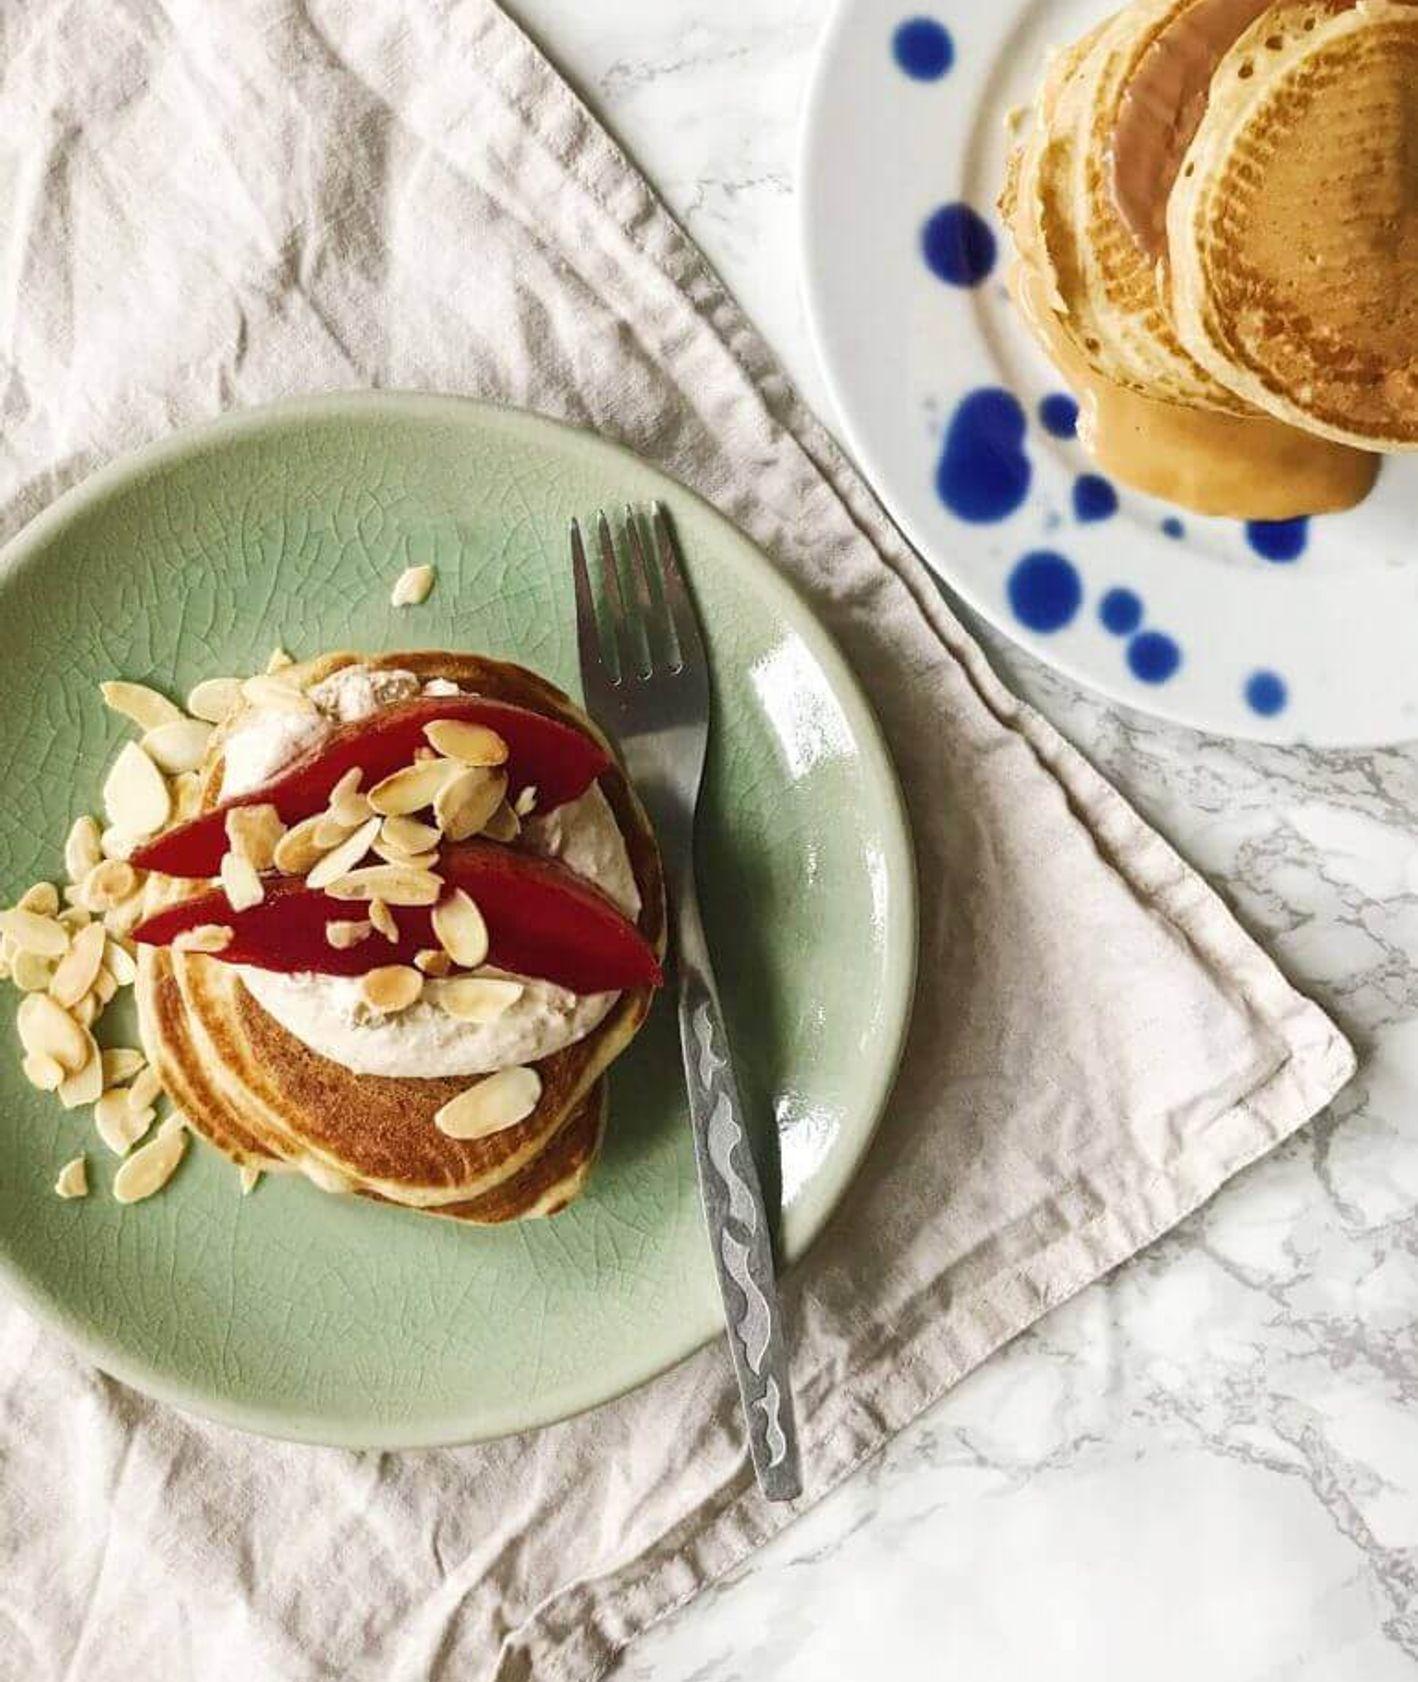 Amerykańskie placki na maślance - śniadanie na słodko z owocami (fot. Kasia Stadejek)